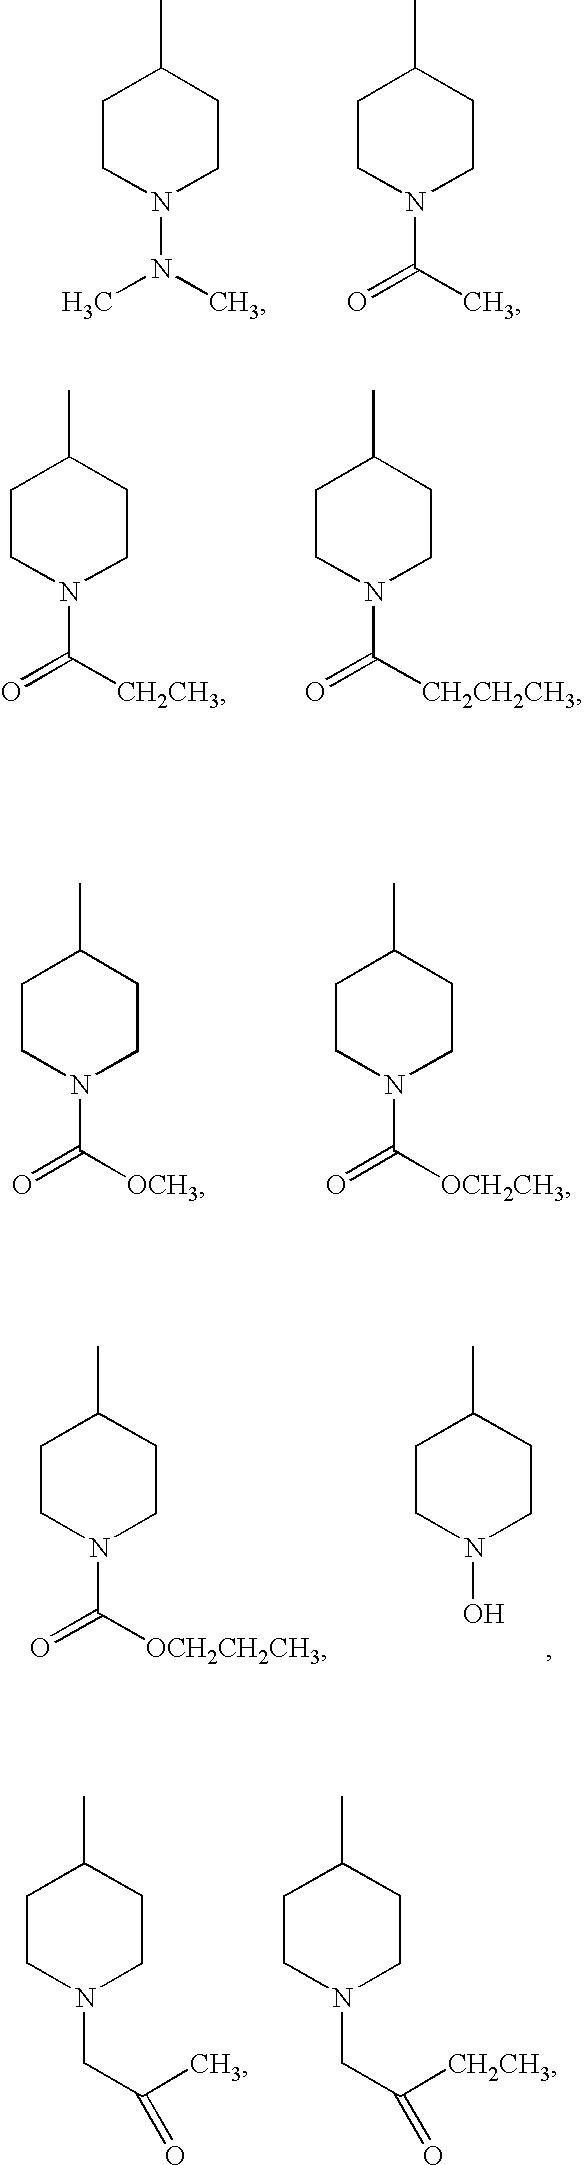 Figure US07112587-20060926-C00095